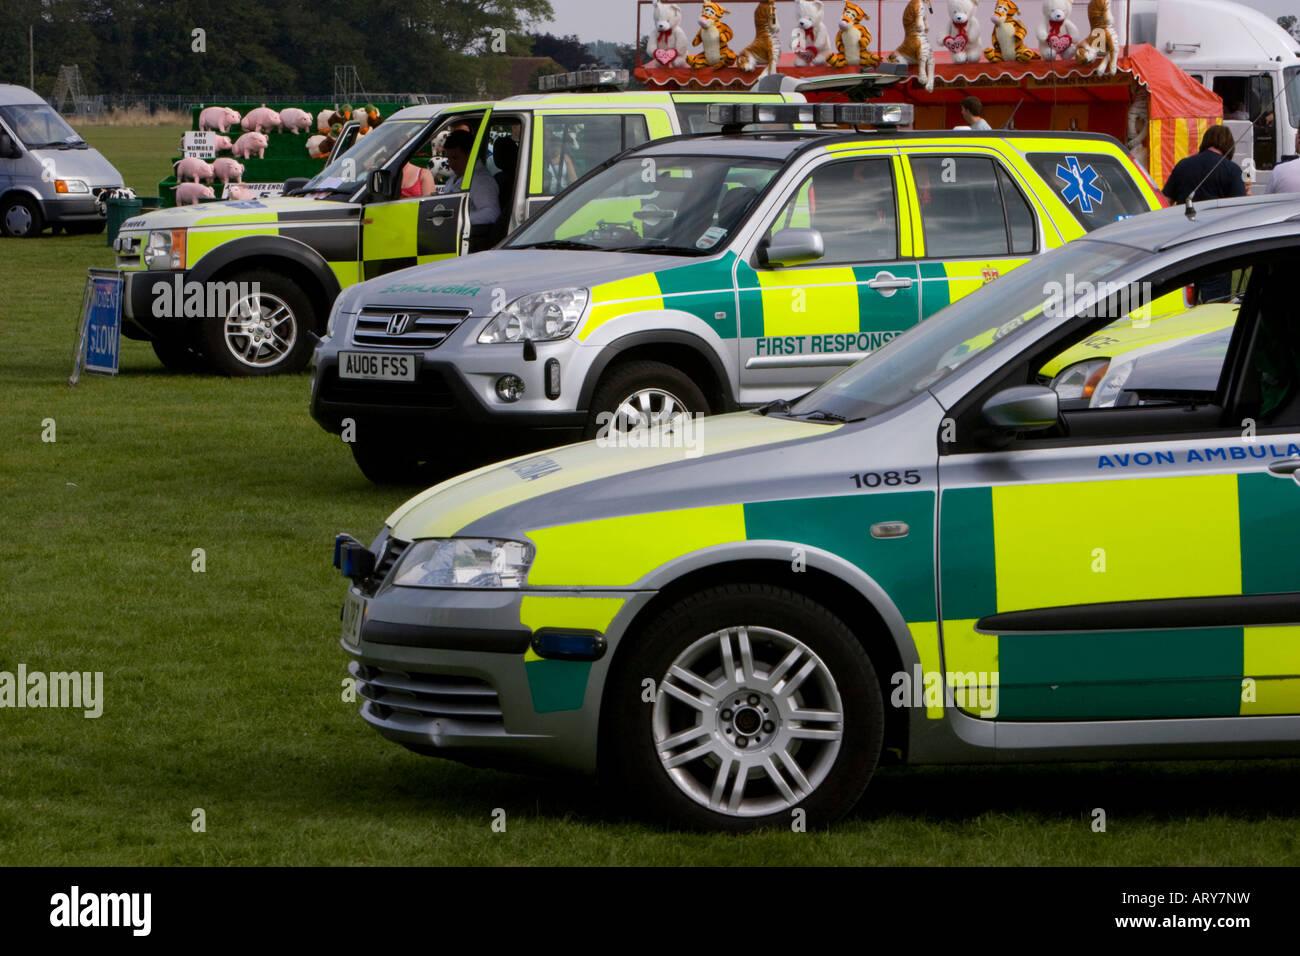 Ambulances - Stock Image